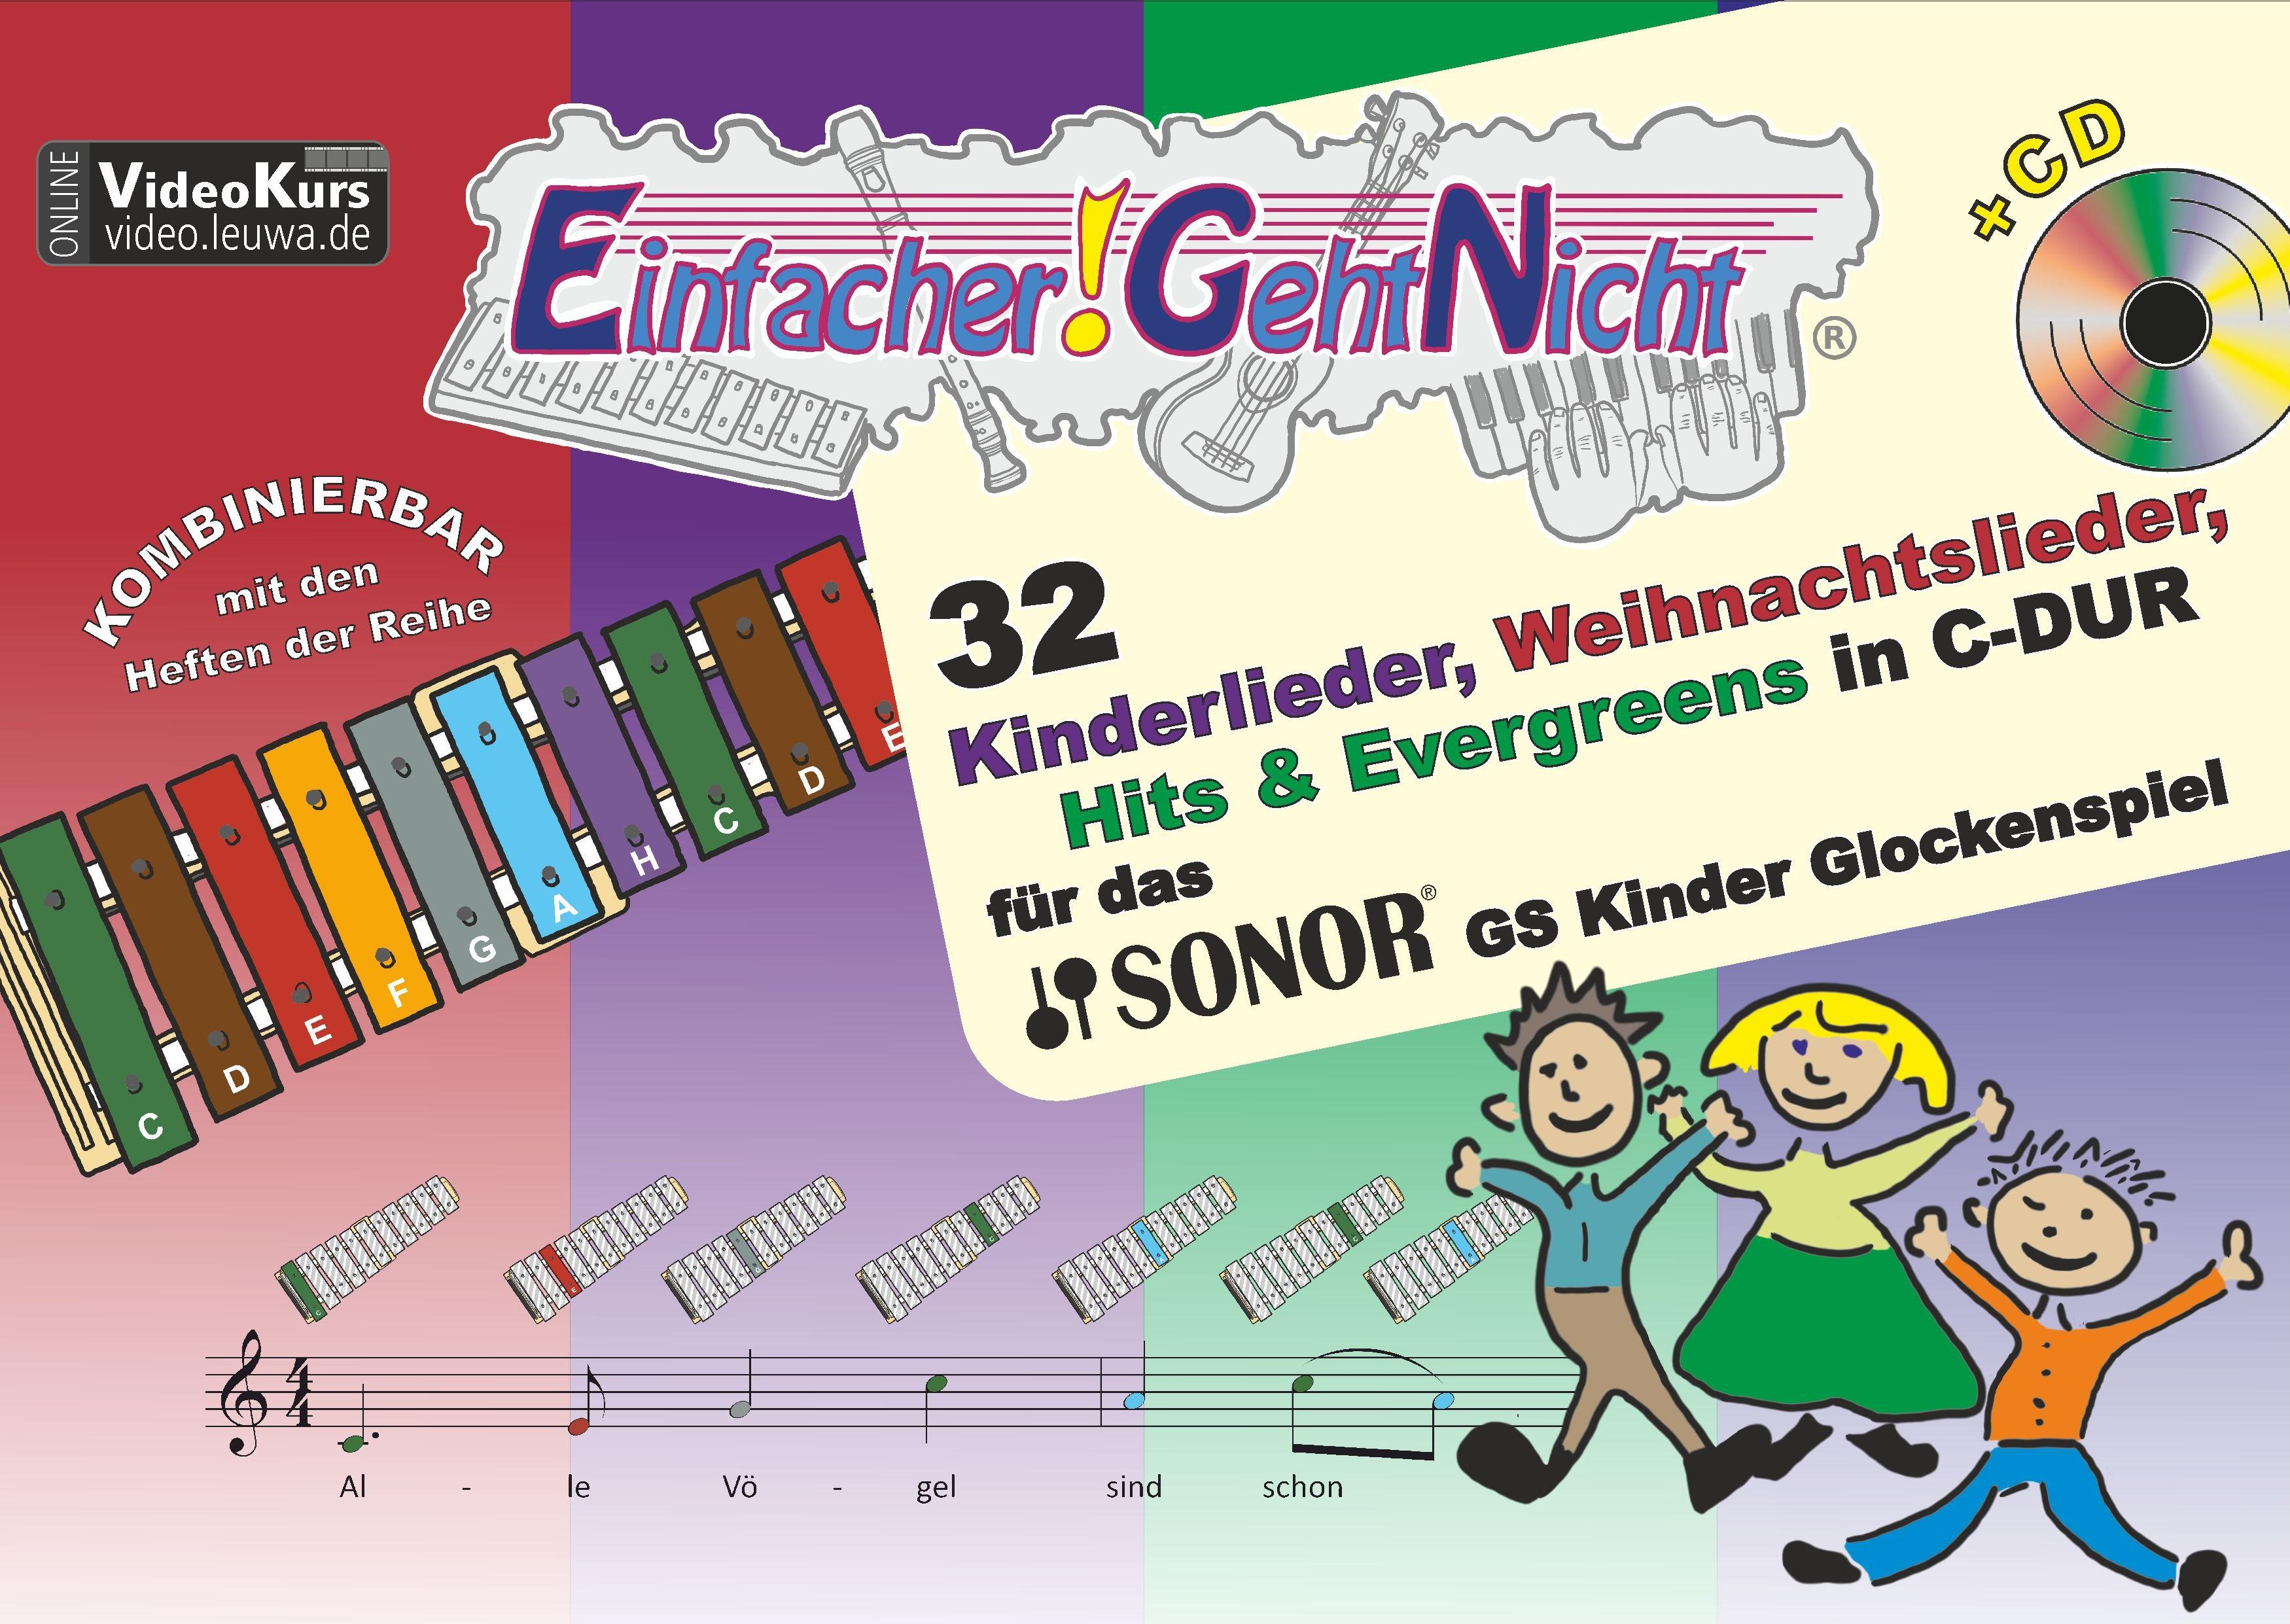 Einfacher!-Geht-Nicht: 32 Kinderlieder, Weihnachtslieder, Hits & Everg